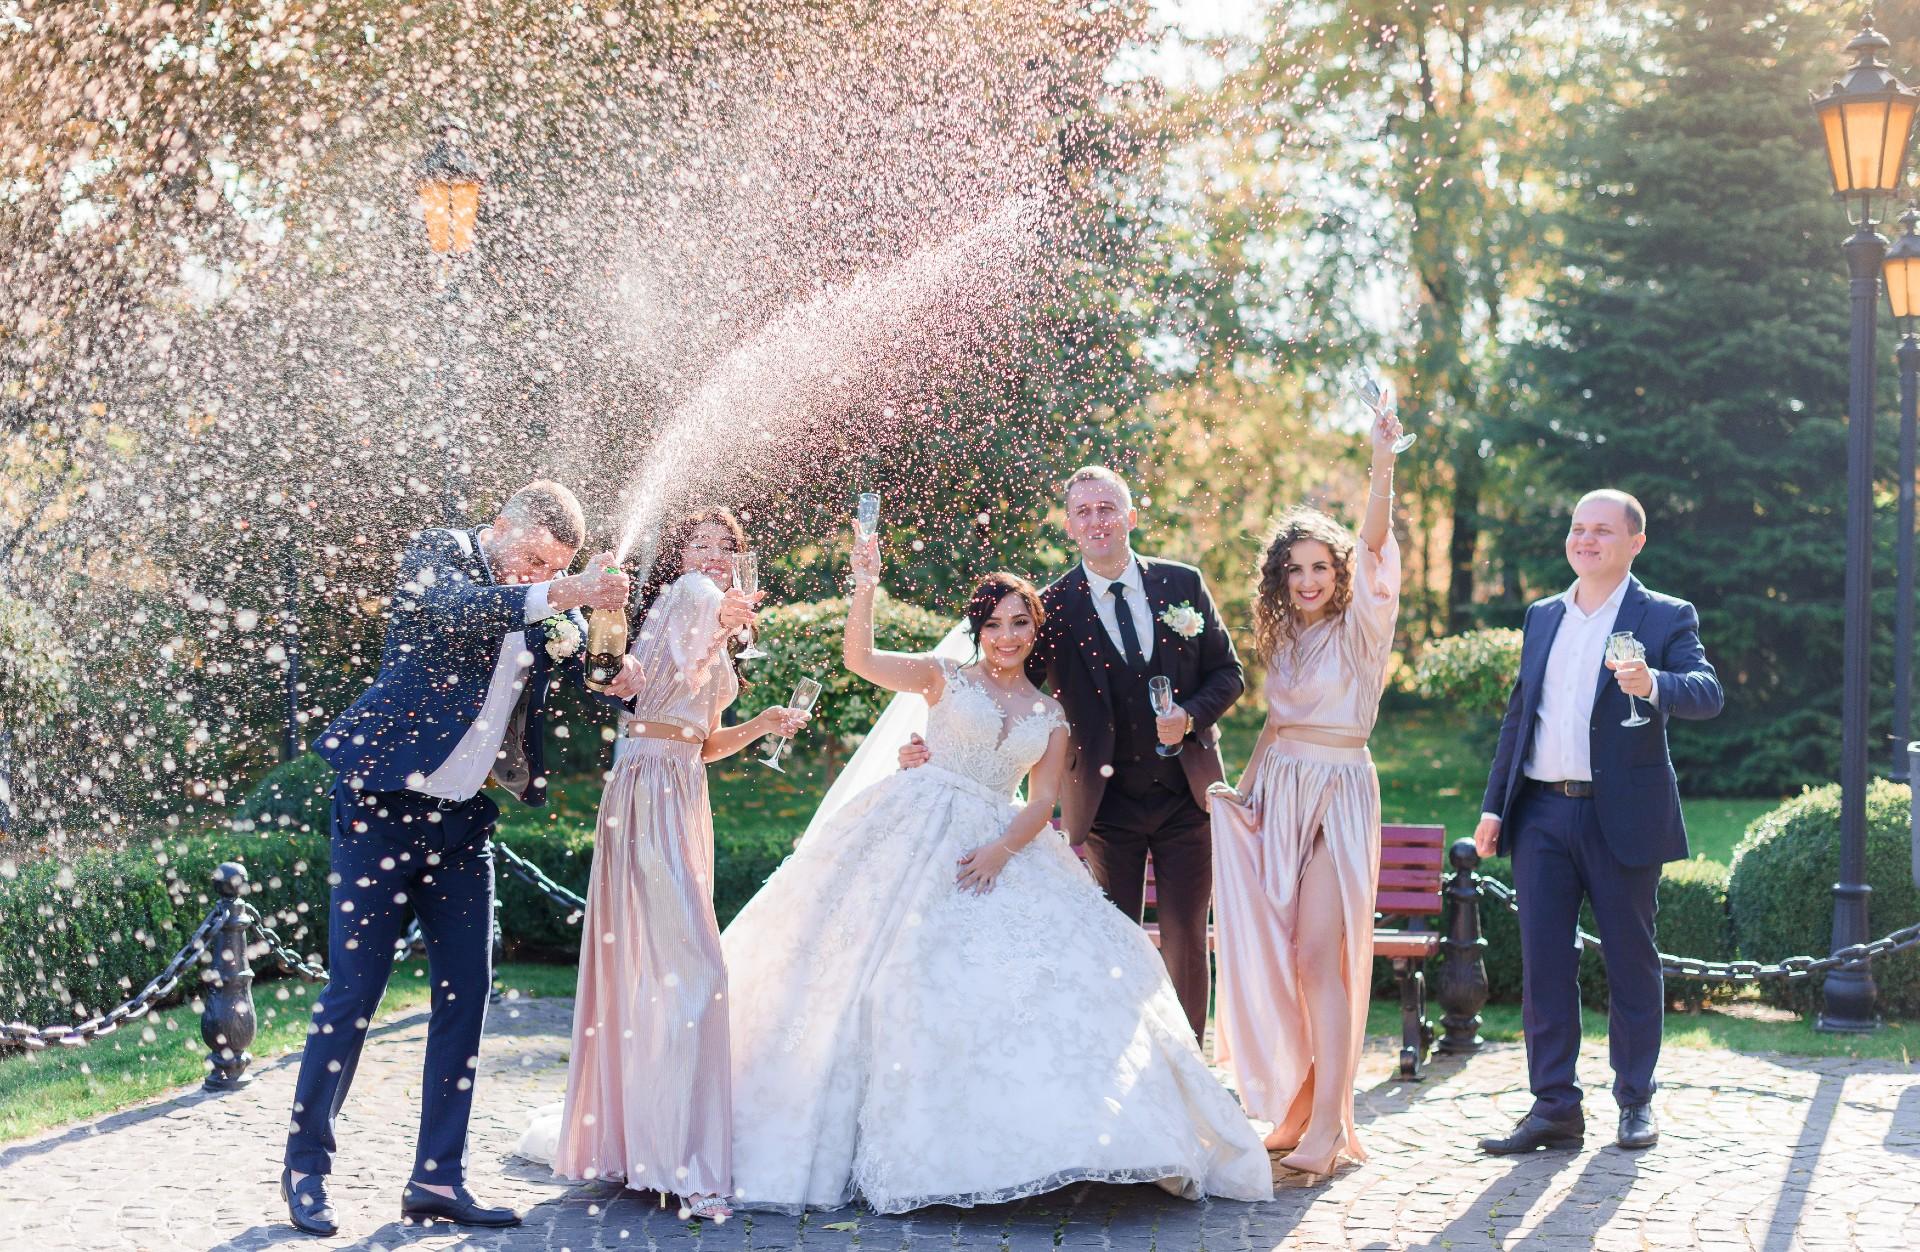 libors de firma para boda